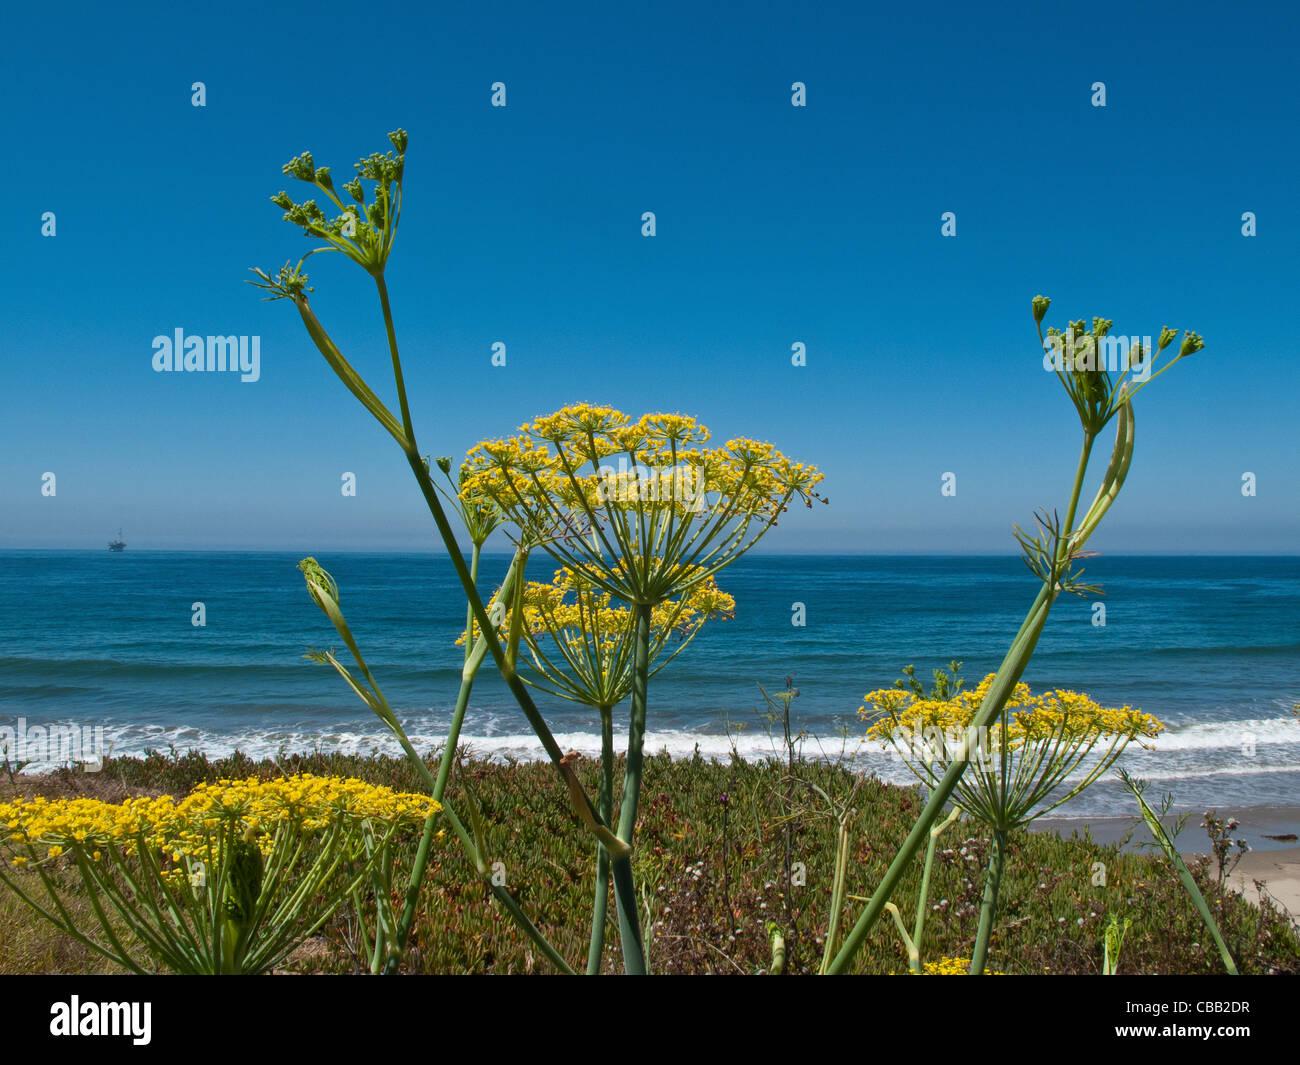 fennel landscape stockfotos fennel landscape bilder alamy. Black Bedroom Furniture Sets. Home Design Ideas